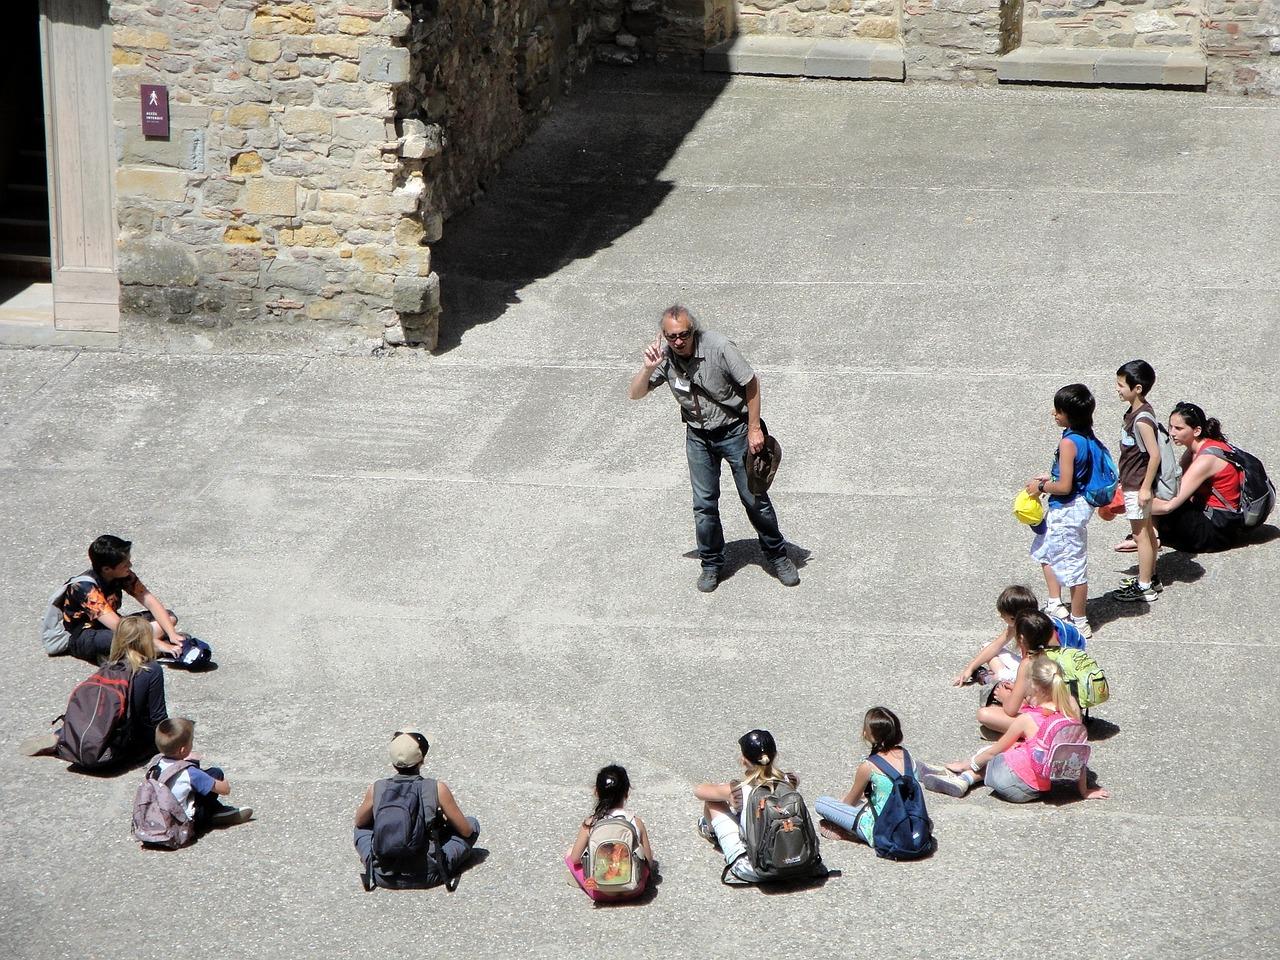 Visitas guiadas por la ciudad para niños. Aprendiendo mientras pasean